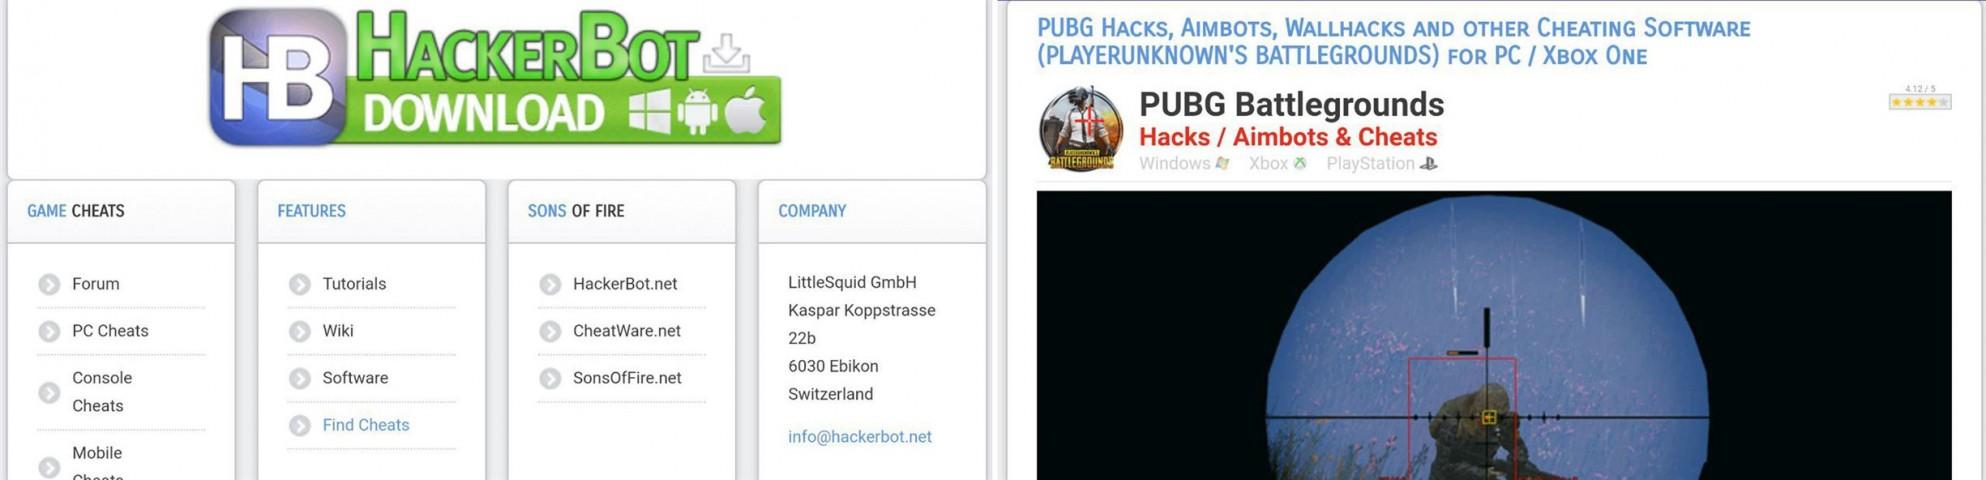 hackerbot-apk-install.jpg